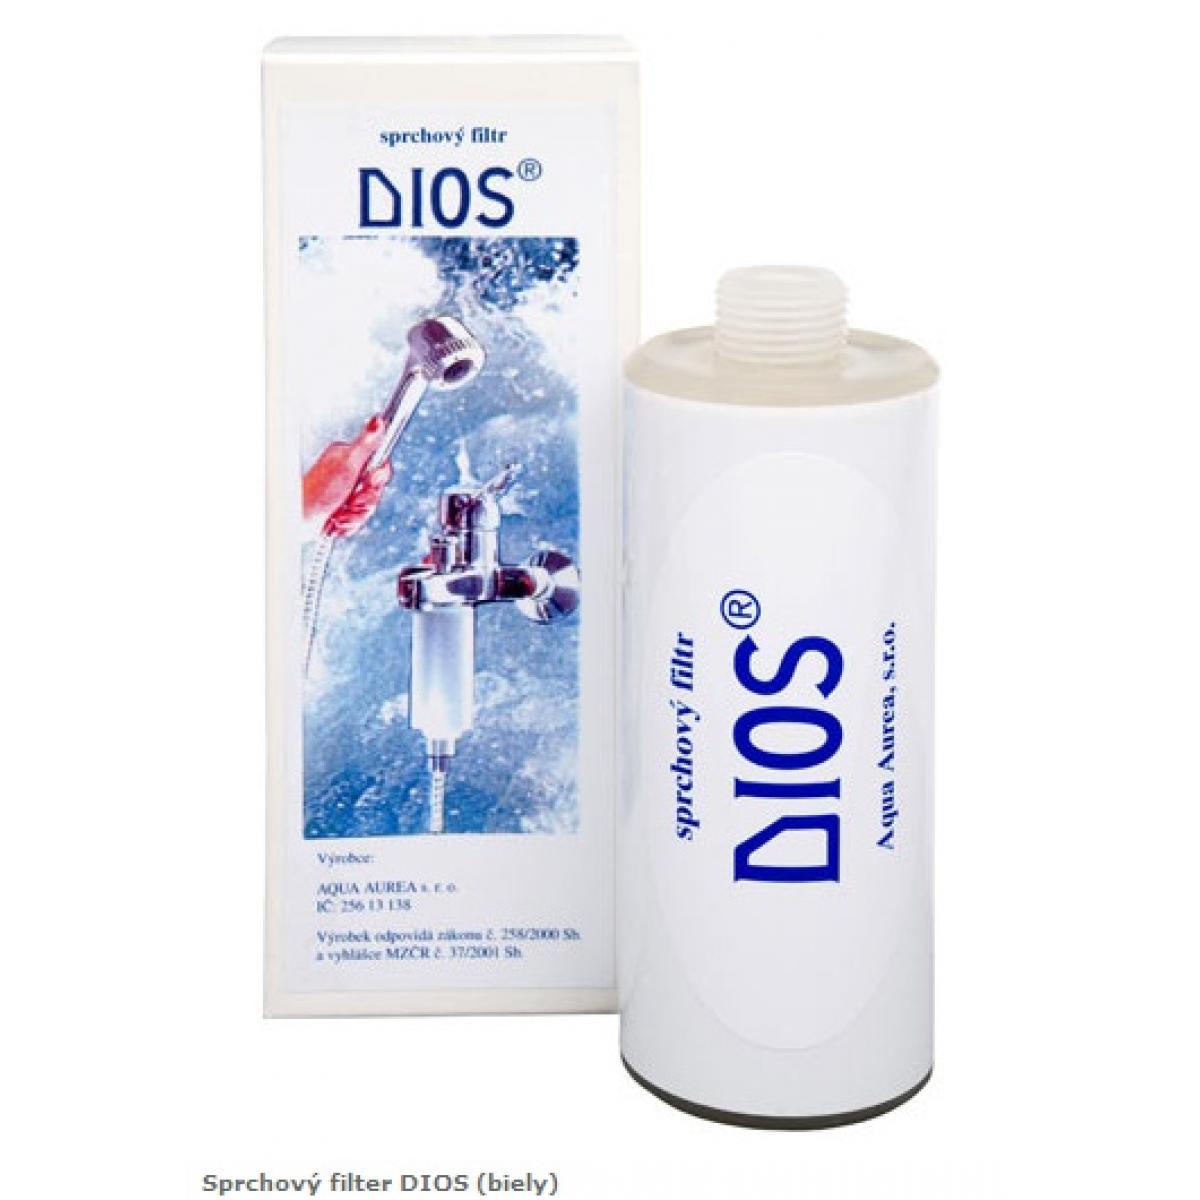 DIOS - sprchový filter biely